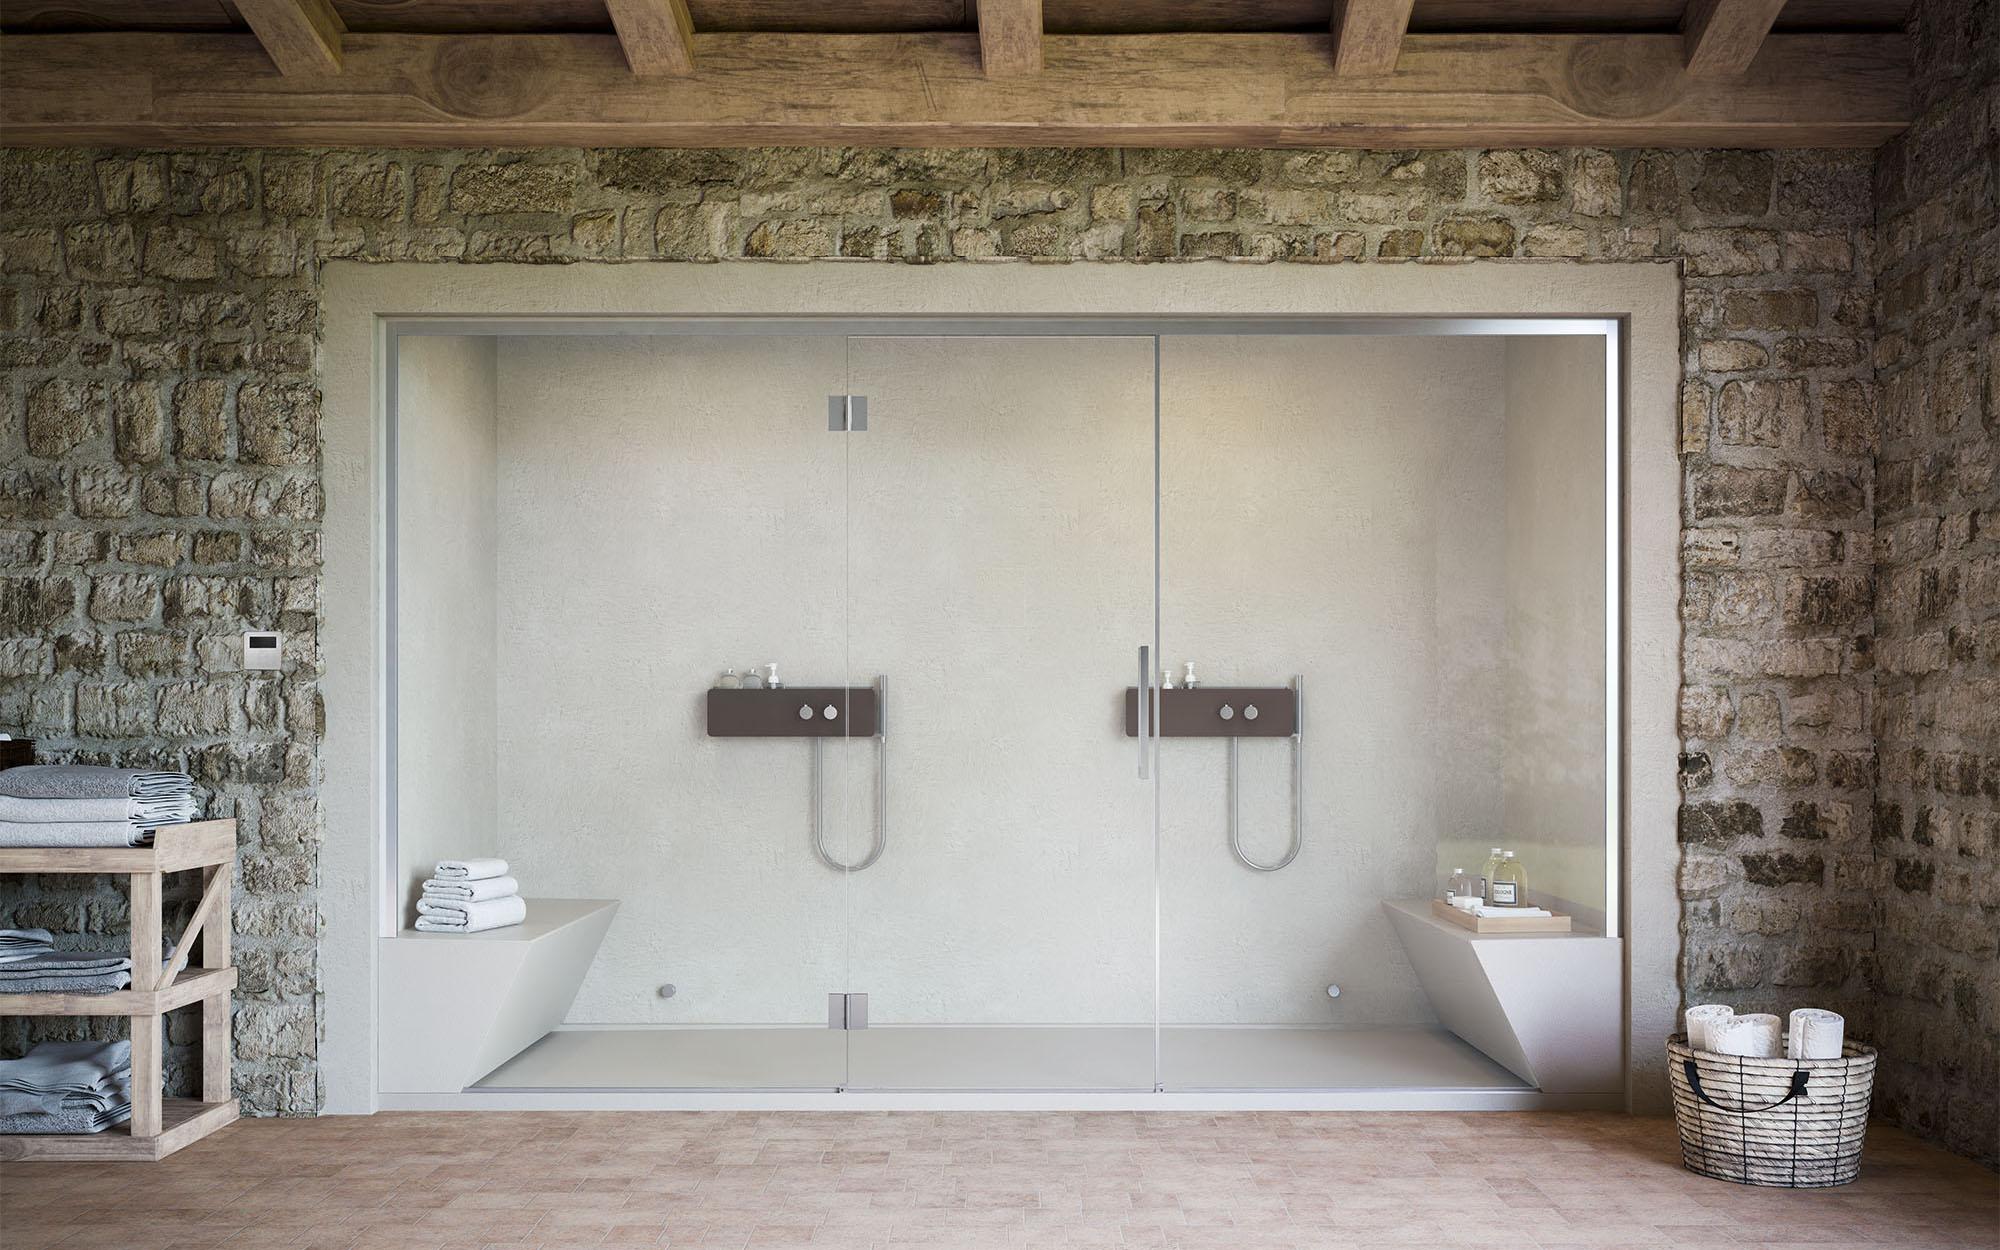 Vasche Da Bagno Easy Life Prezzi : Glass soluzioni bagno su misura con qualità e design made in